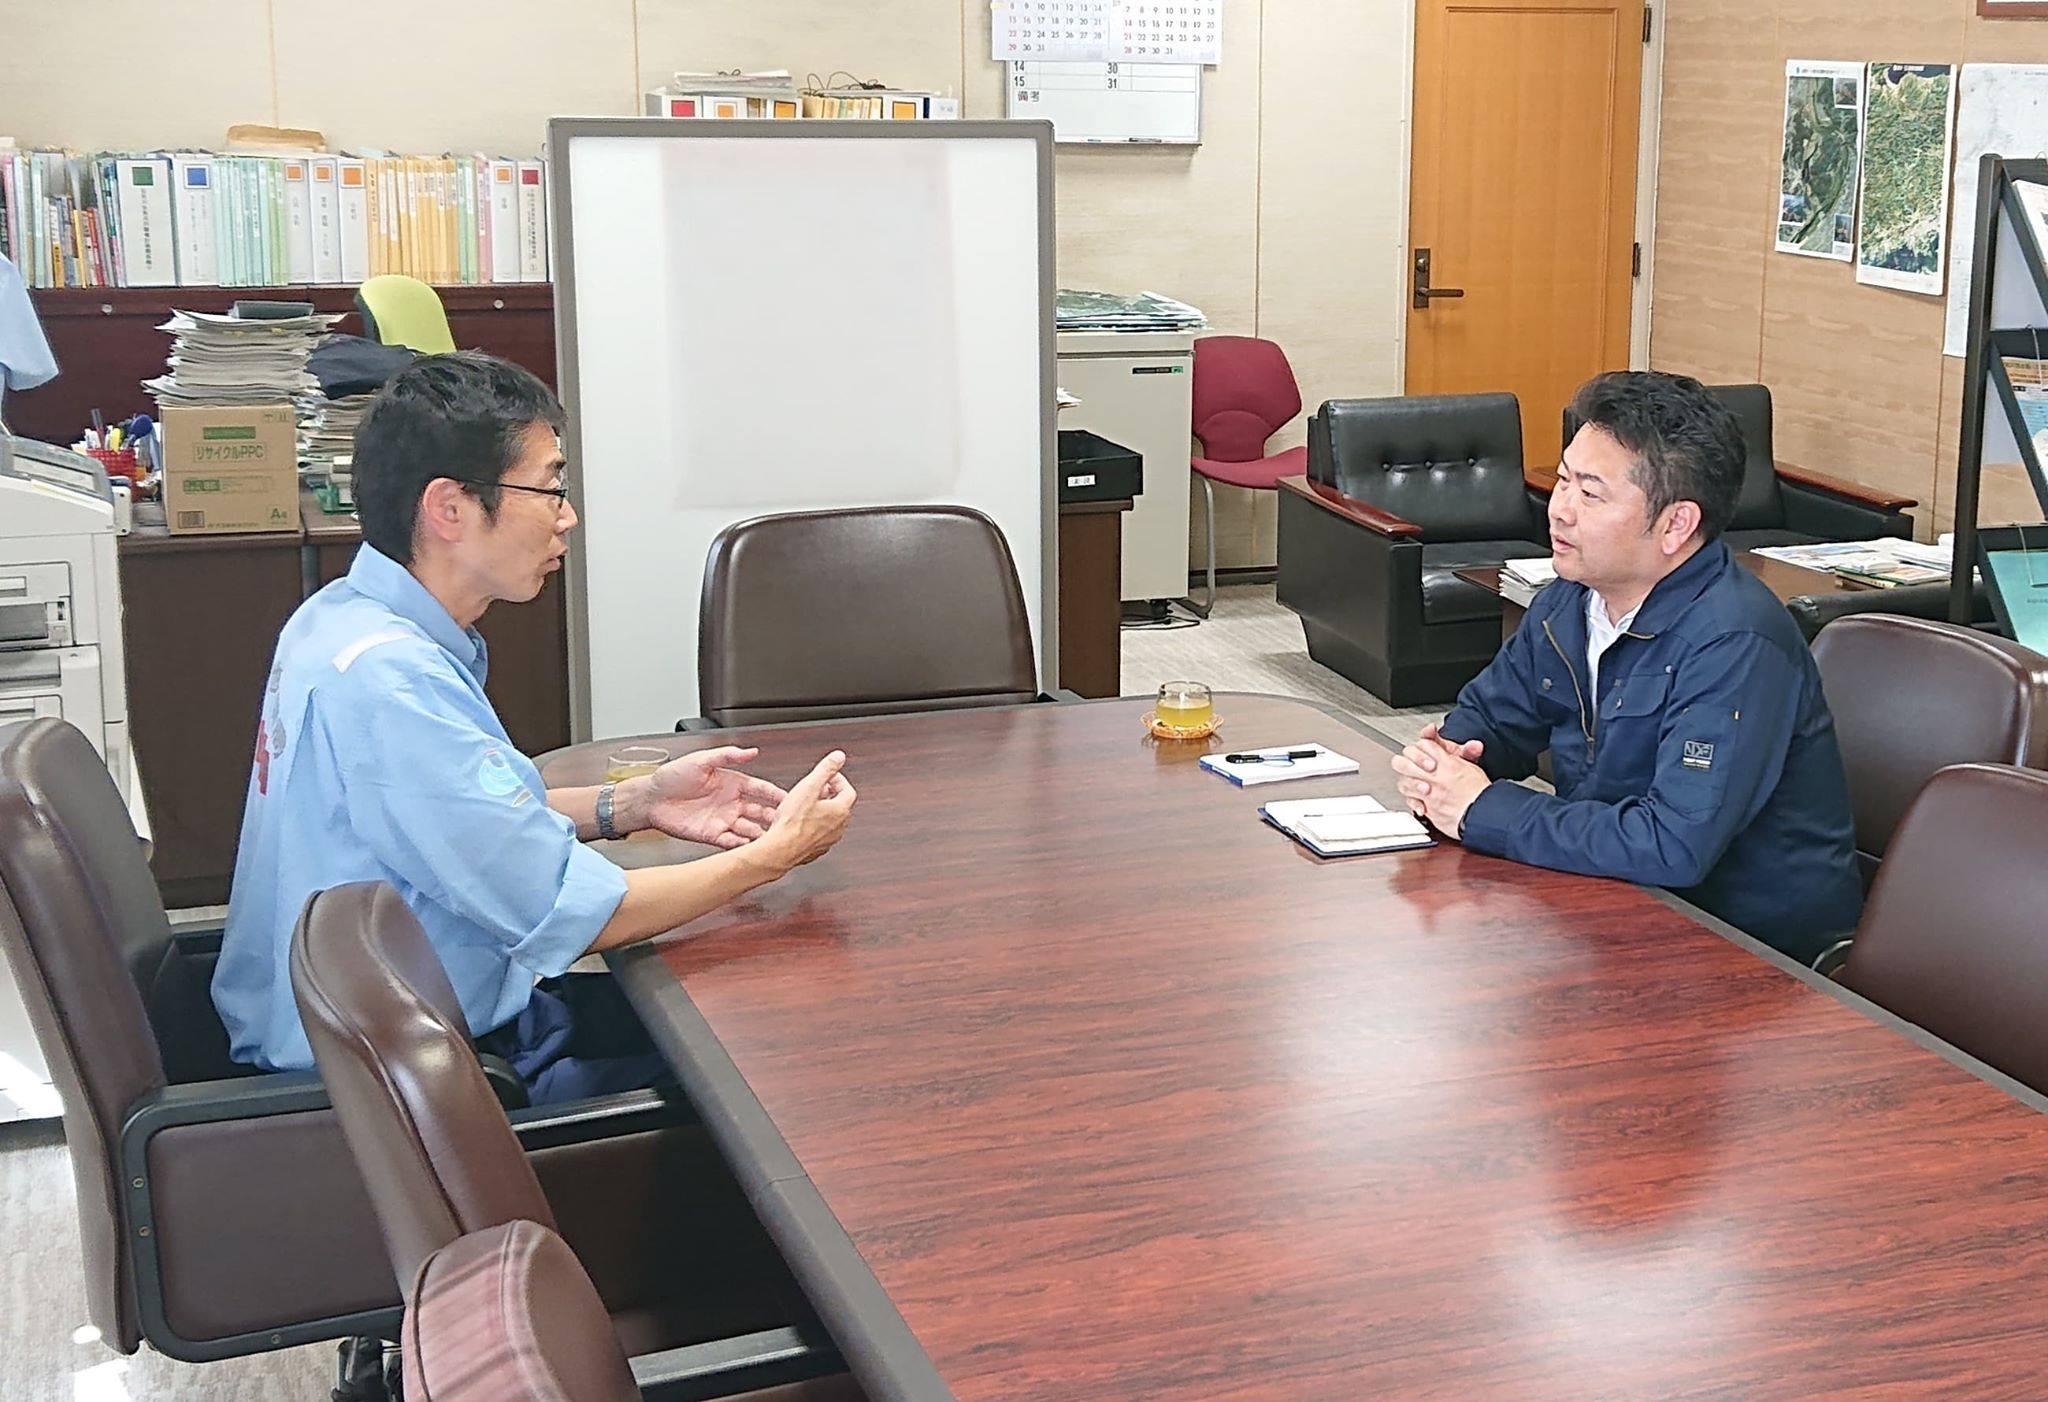 岡山河川事務所長(国土交通省)にお会いしてきました。